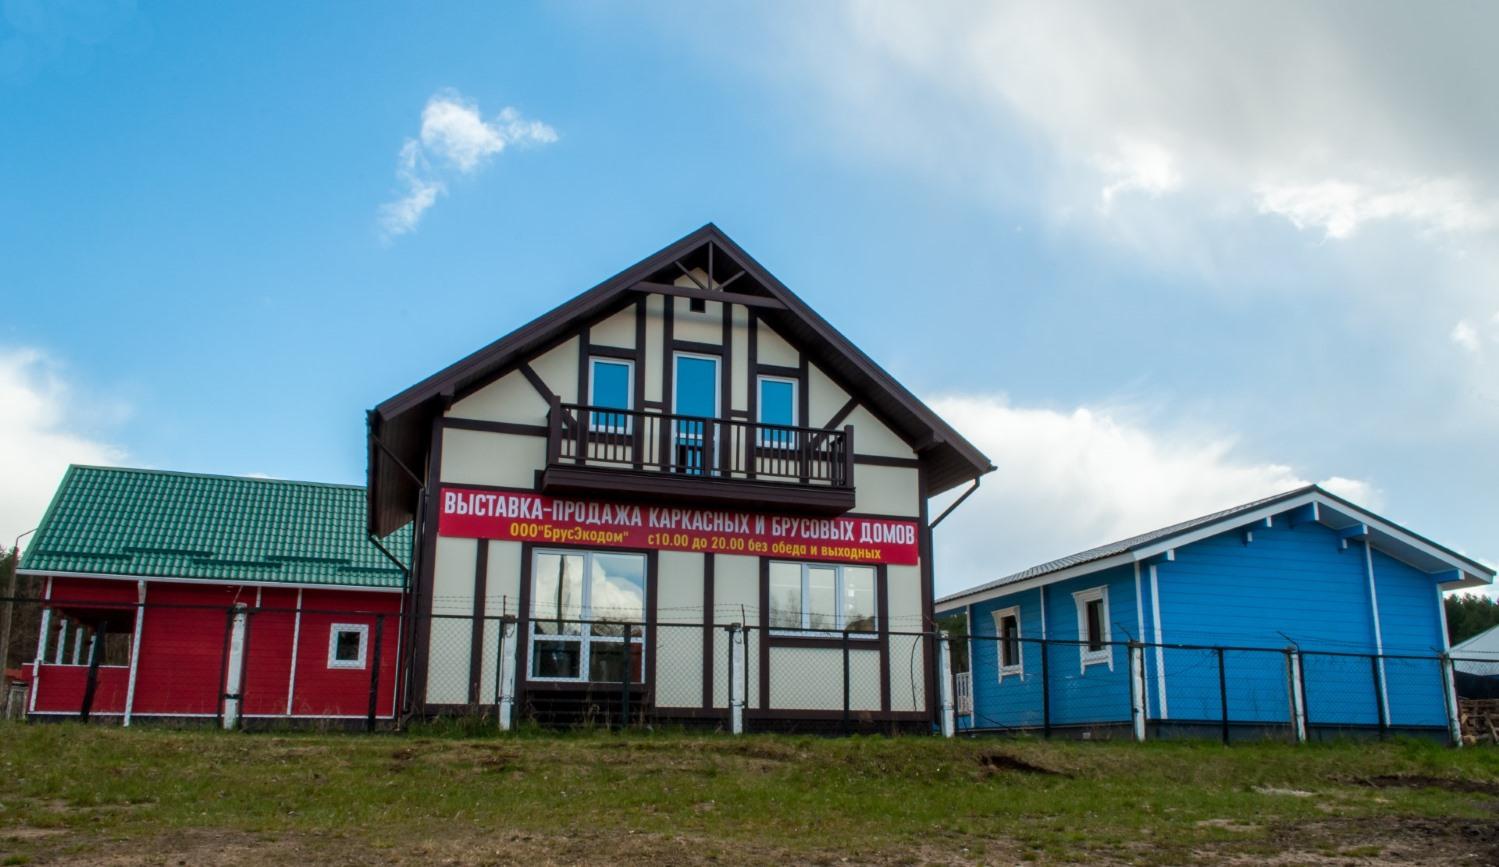 Выставка каркасных домов